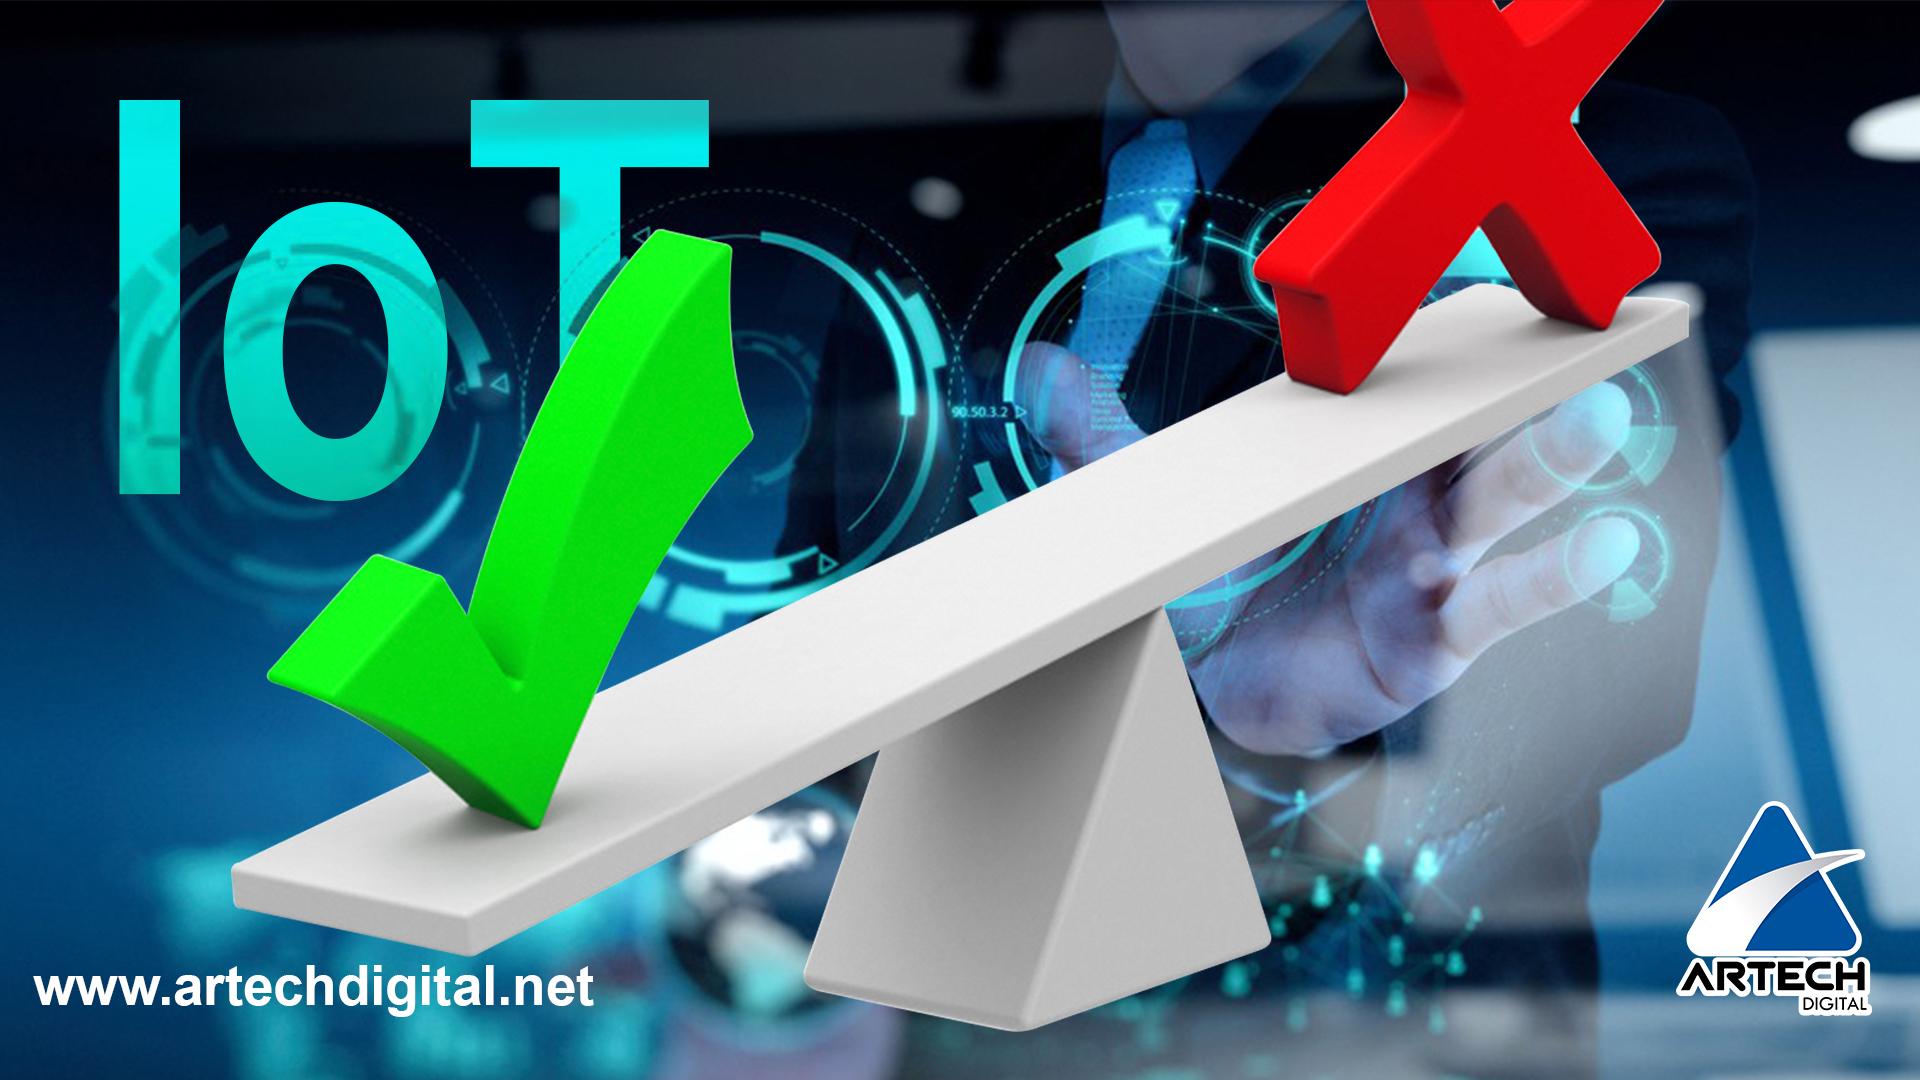 integrar IOT en su empresa - Artech Digital